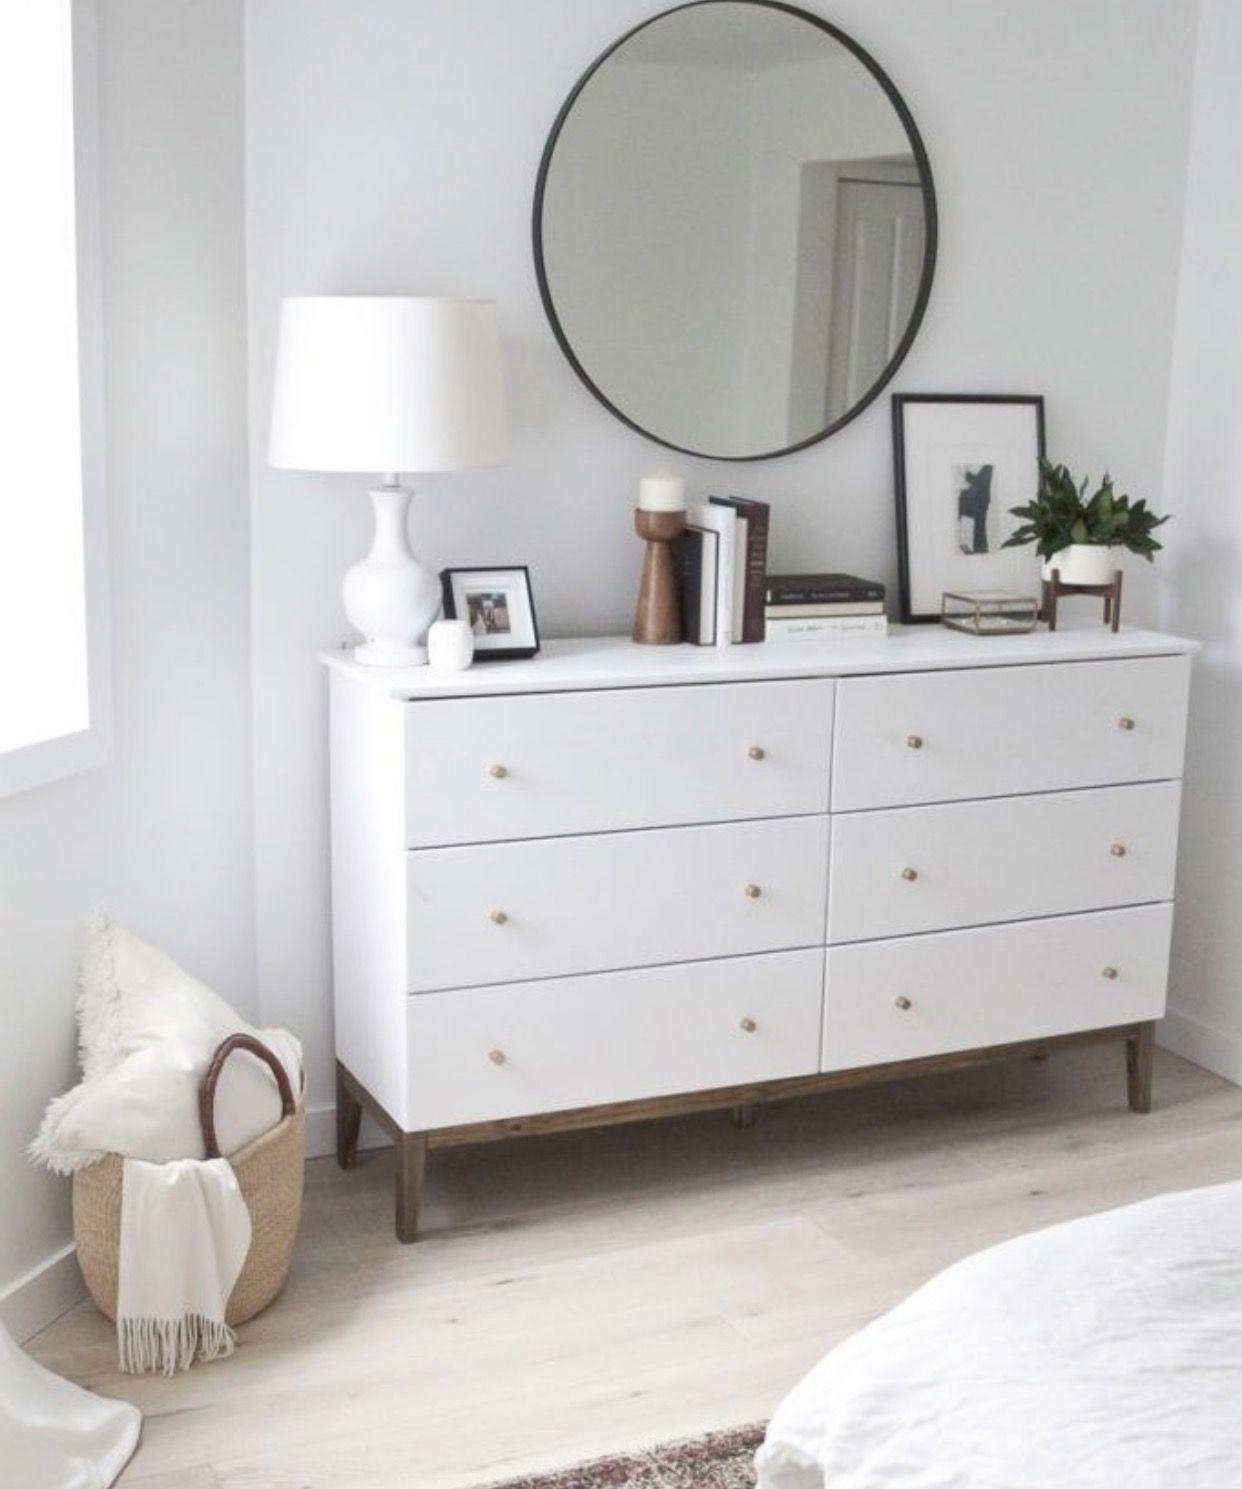 Painted mcm dresser | living room | Pinterest | Dresser, Bedrooms ...